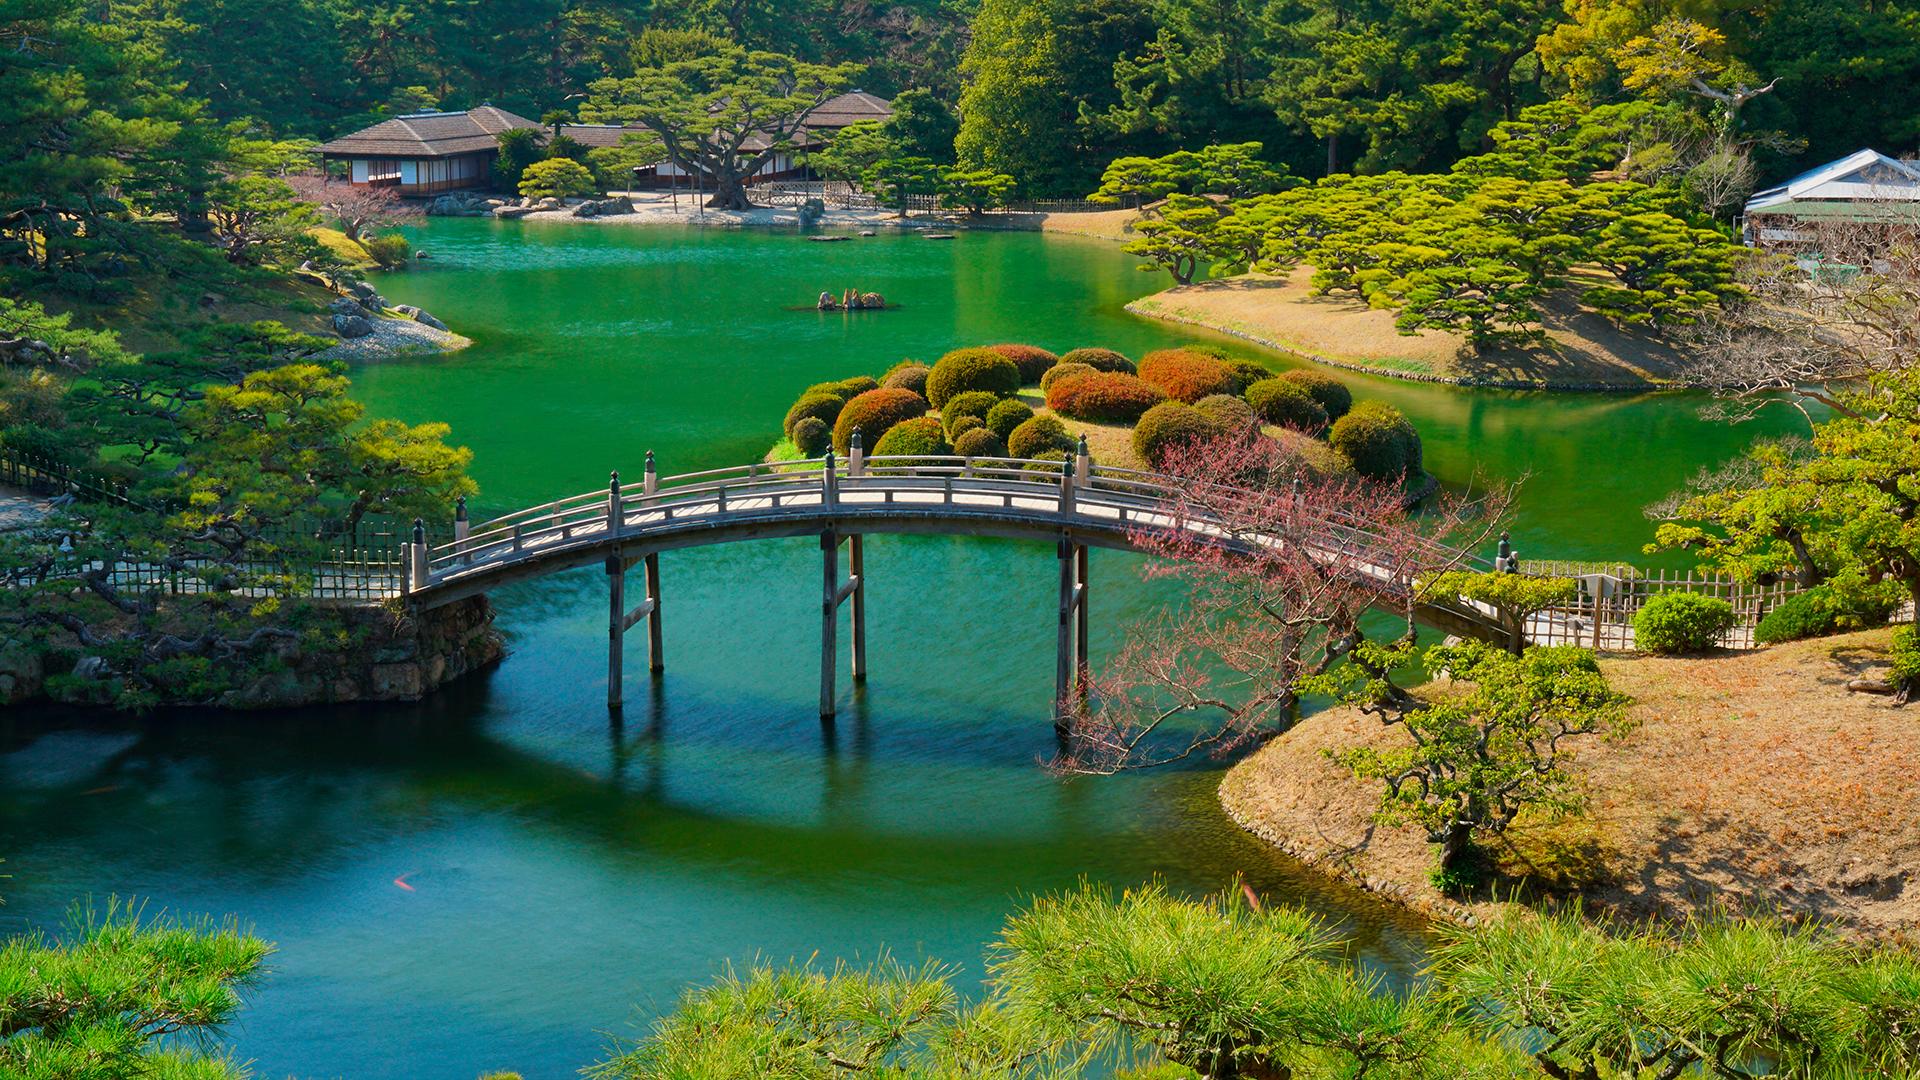 """""""Es el Japón urbano en su forma más agradable y sin pretensiones"""", aseguran expertos de viaje de la guía Lonely Planet. Es una ciudad portuaria de Japón, en la costa del mar Interior. Capital de la prefectura de Kagawa, en la isla de Shikoku. Takamatsu es famosa por el parque de Ritsurin, un parque del período Edo, considerado como uno de las tres grandes obras maestras de la jardinería japonesa"""